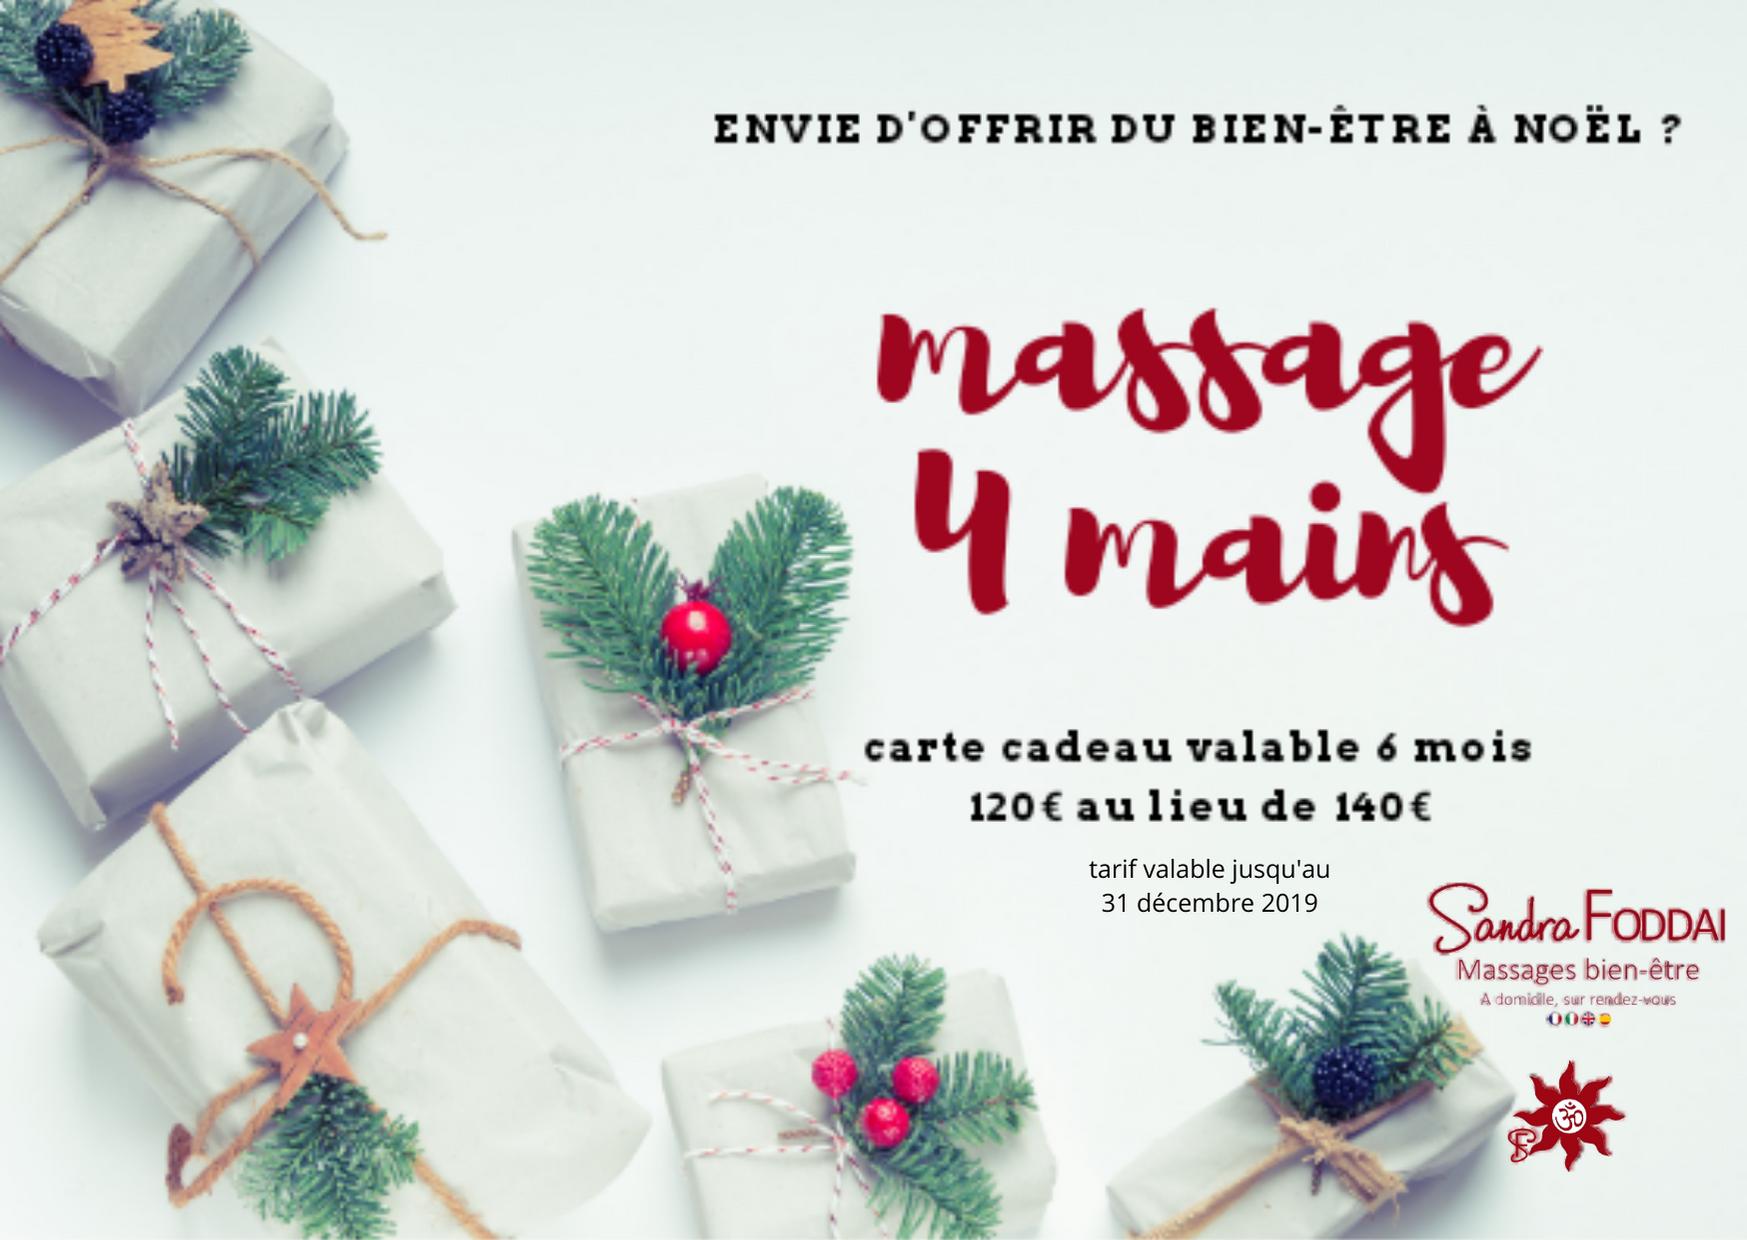 Copie de massage 4 mains